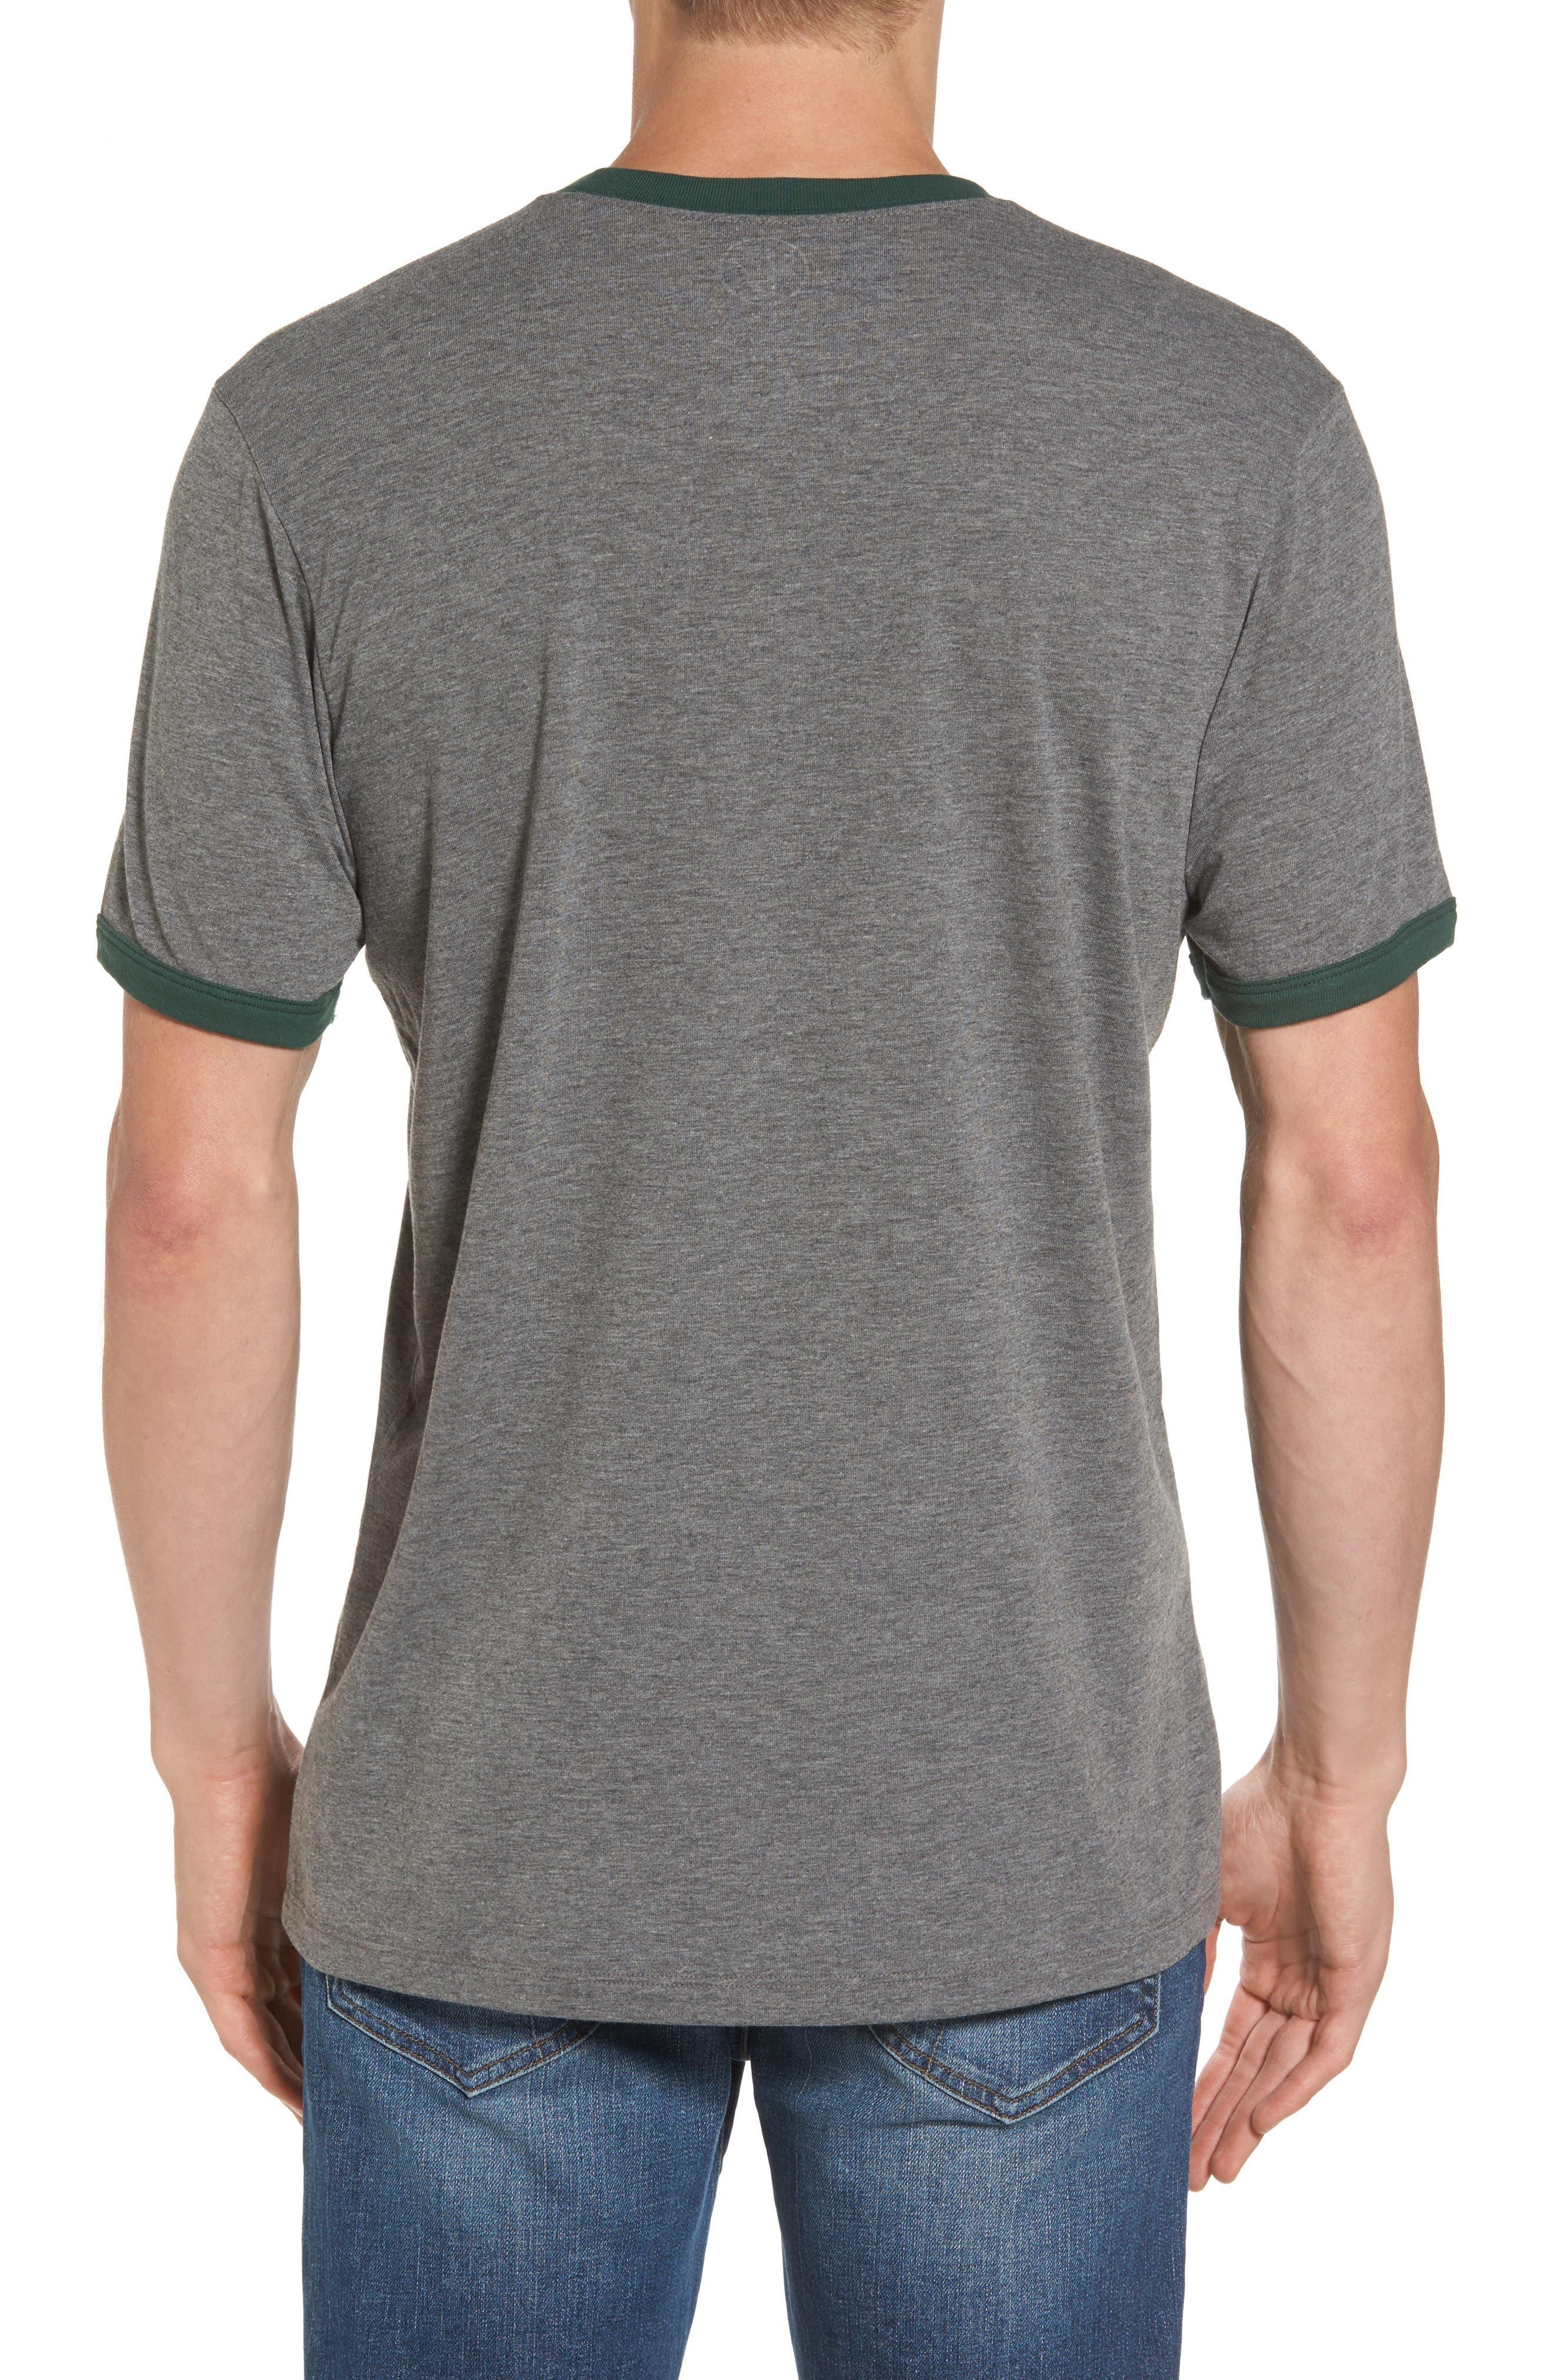 Alternate Image 2  - '47 Green Bay Packers Ringer T-Shirt